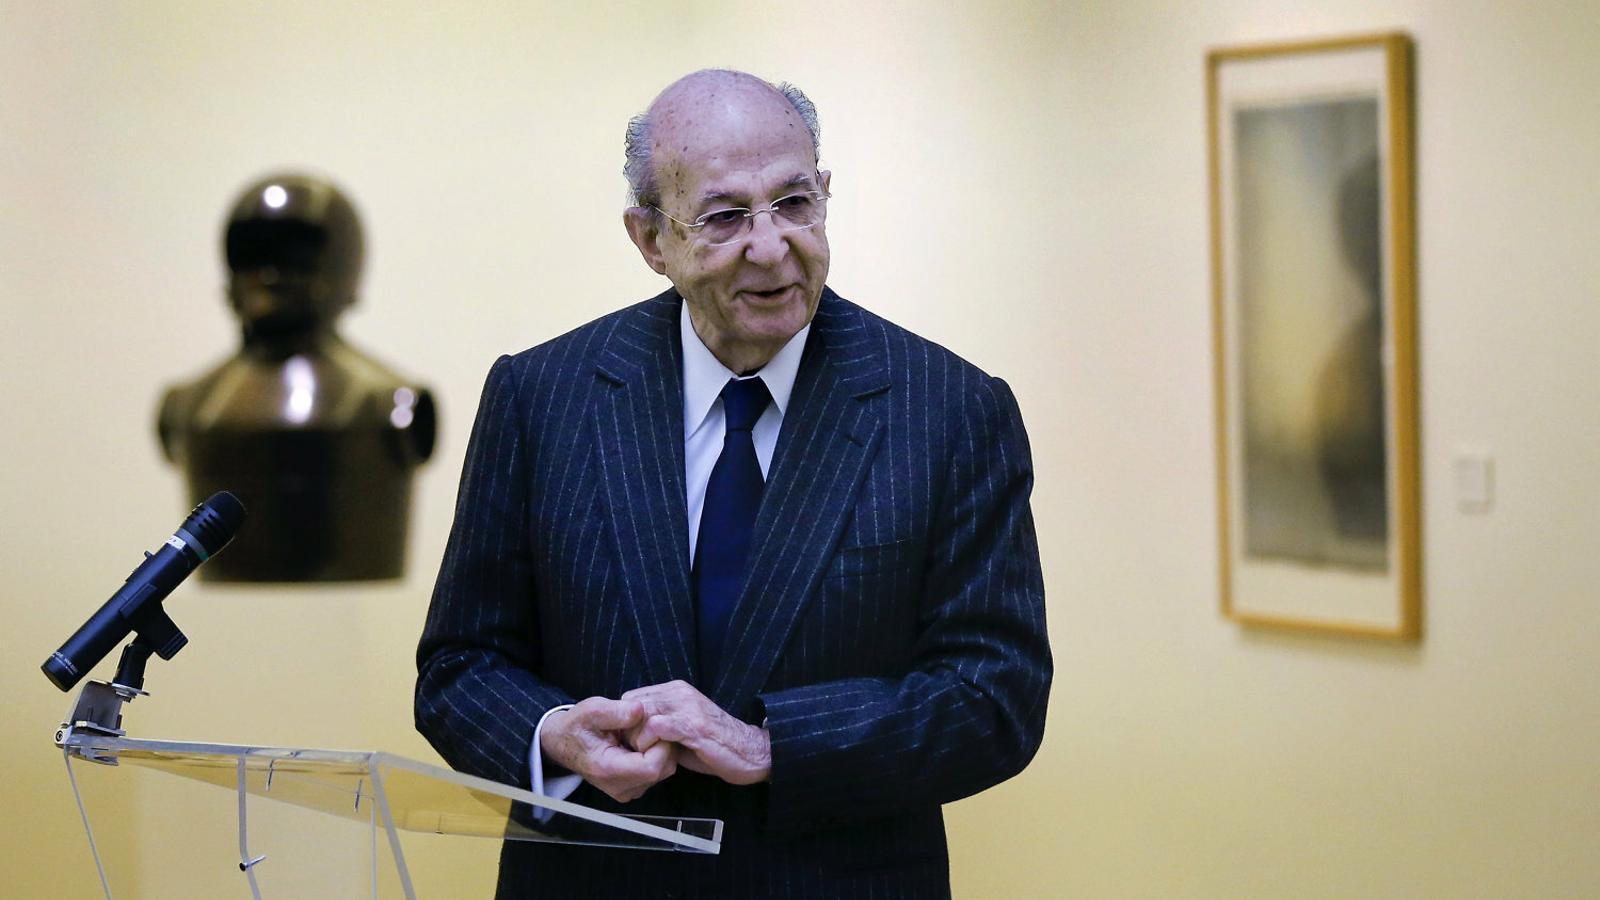 Plácido Arango,   Un filantrop també   Del coneixement